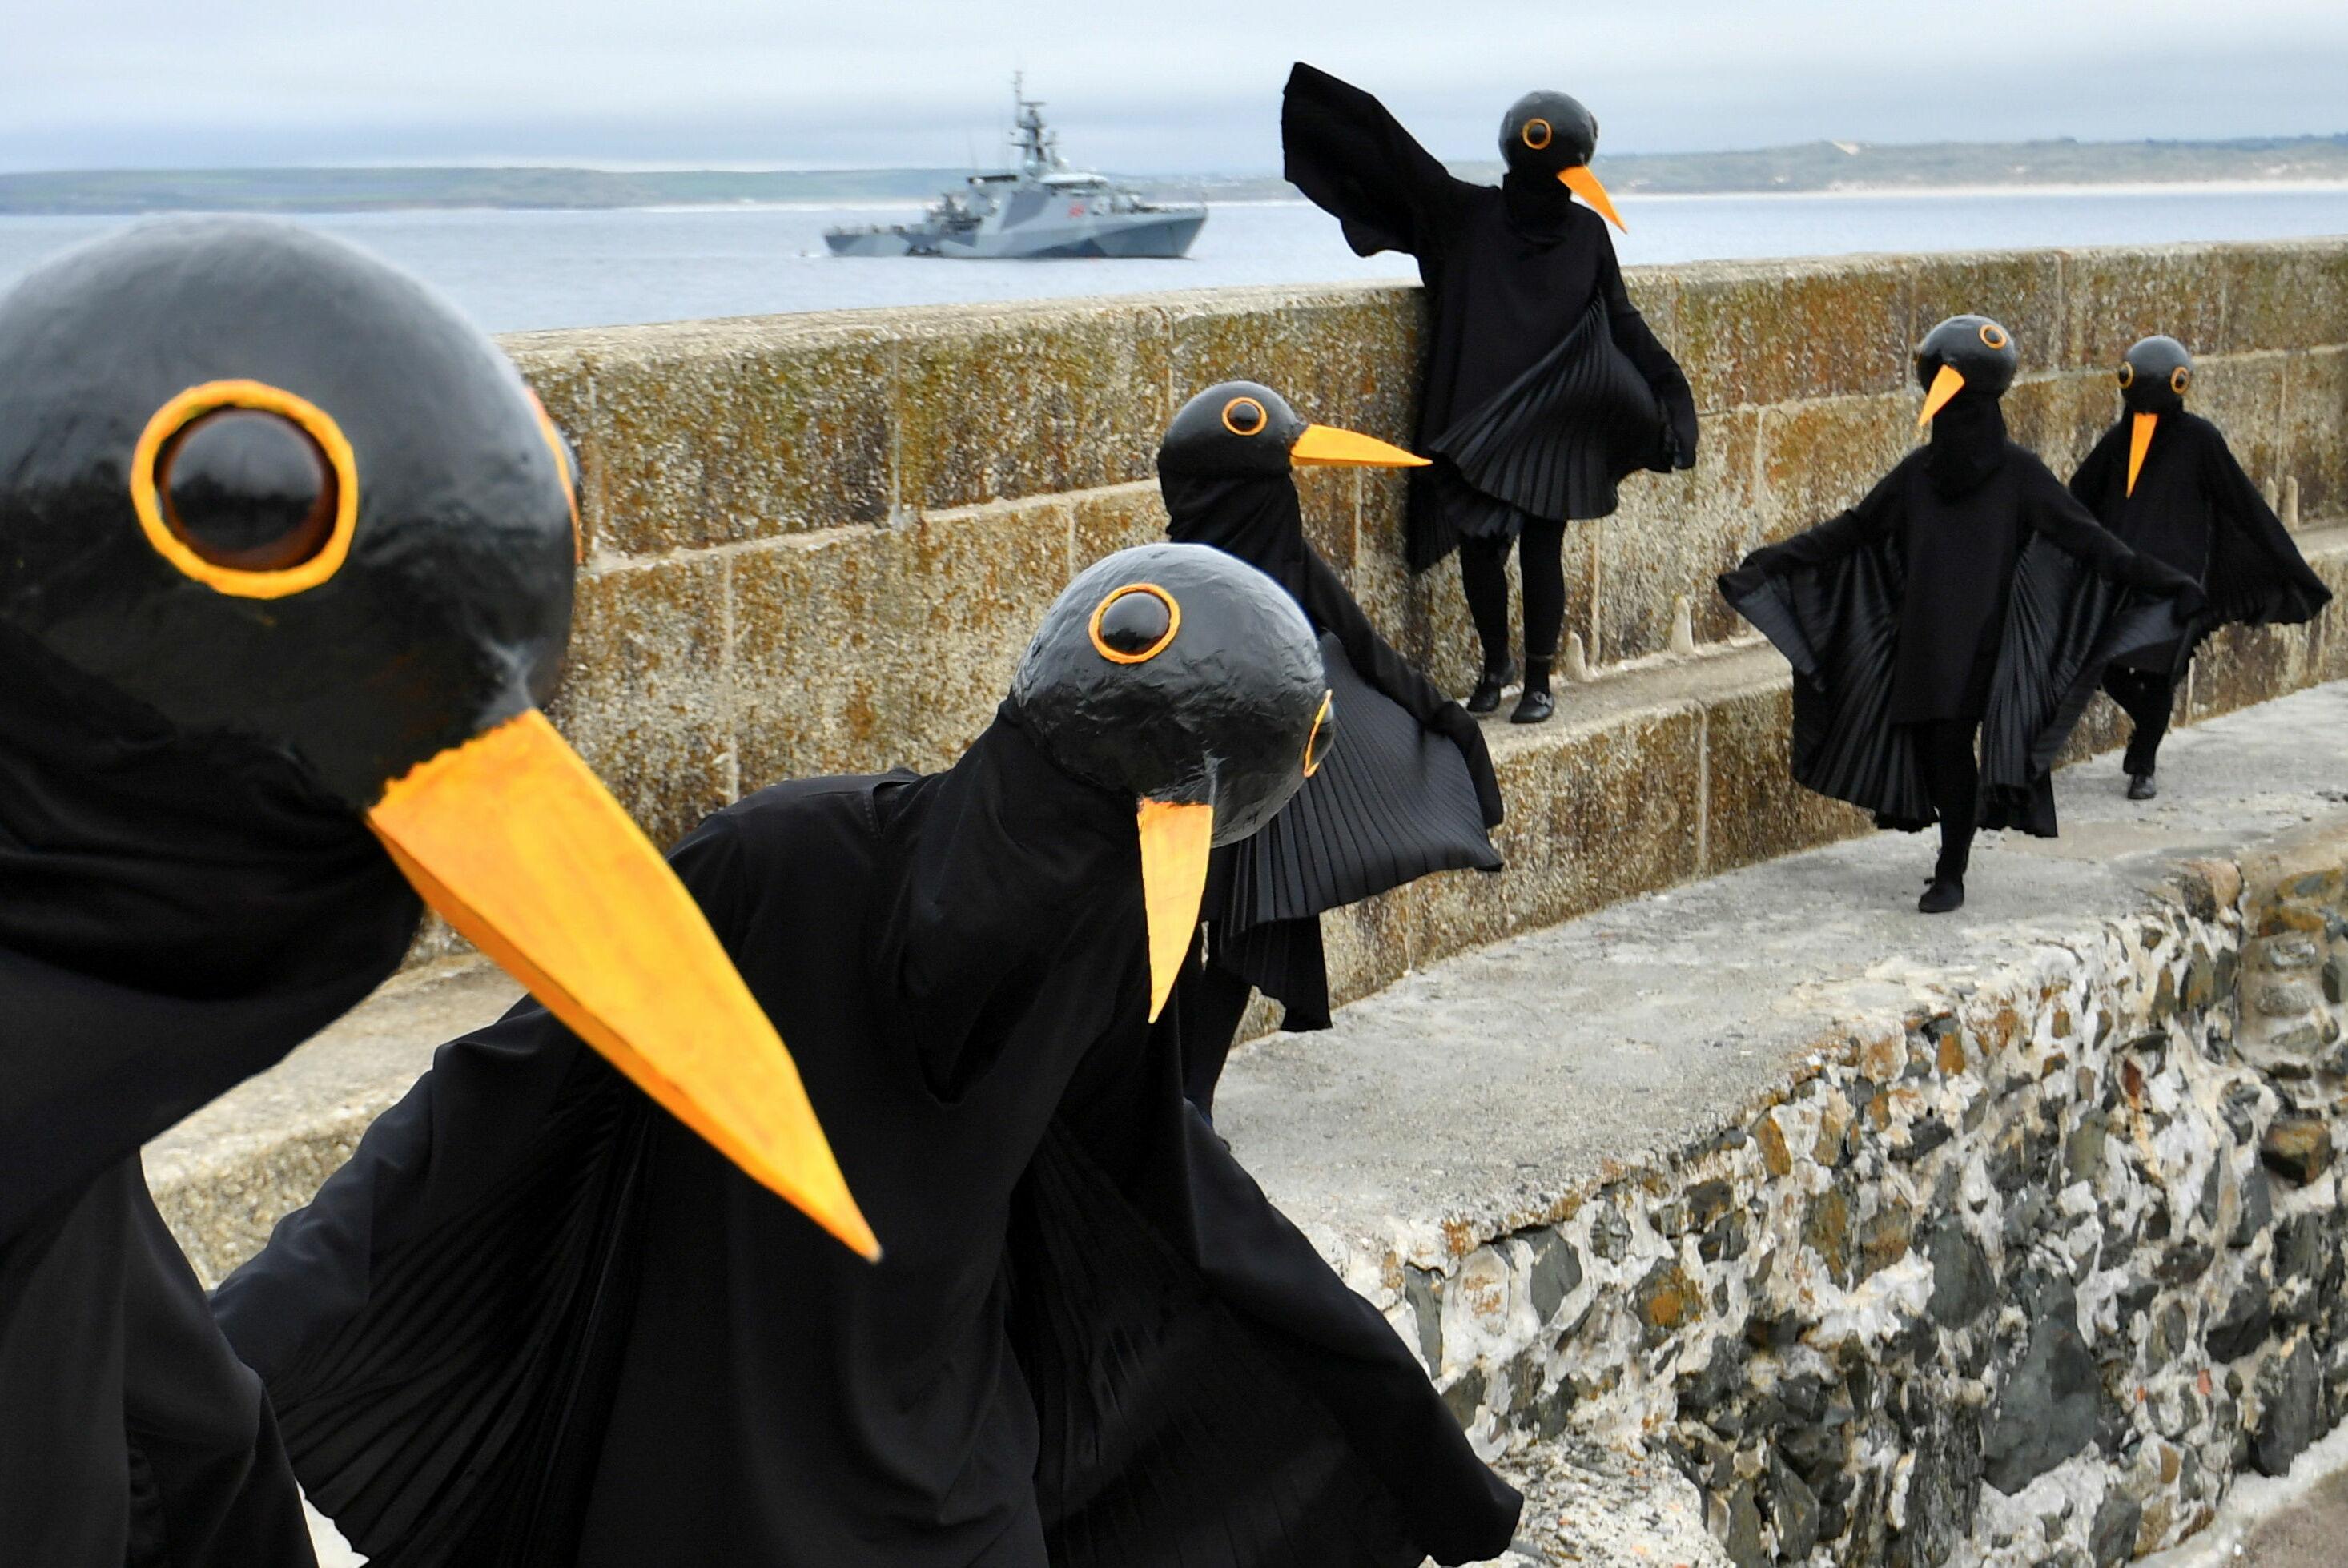 Kargo kostümü giyen bir grup, zirvenin gerçekleştirildiği esnada Cornwall sahilinde toplanarak G7 ülkelerini protesto etti.